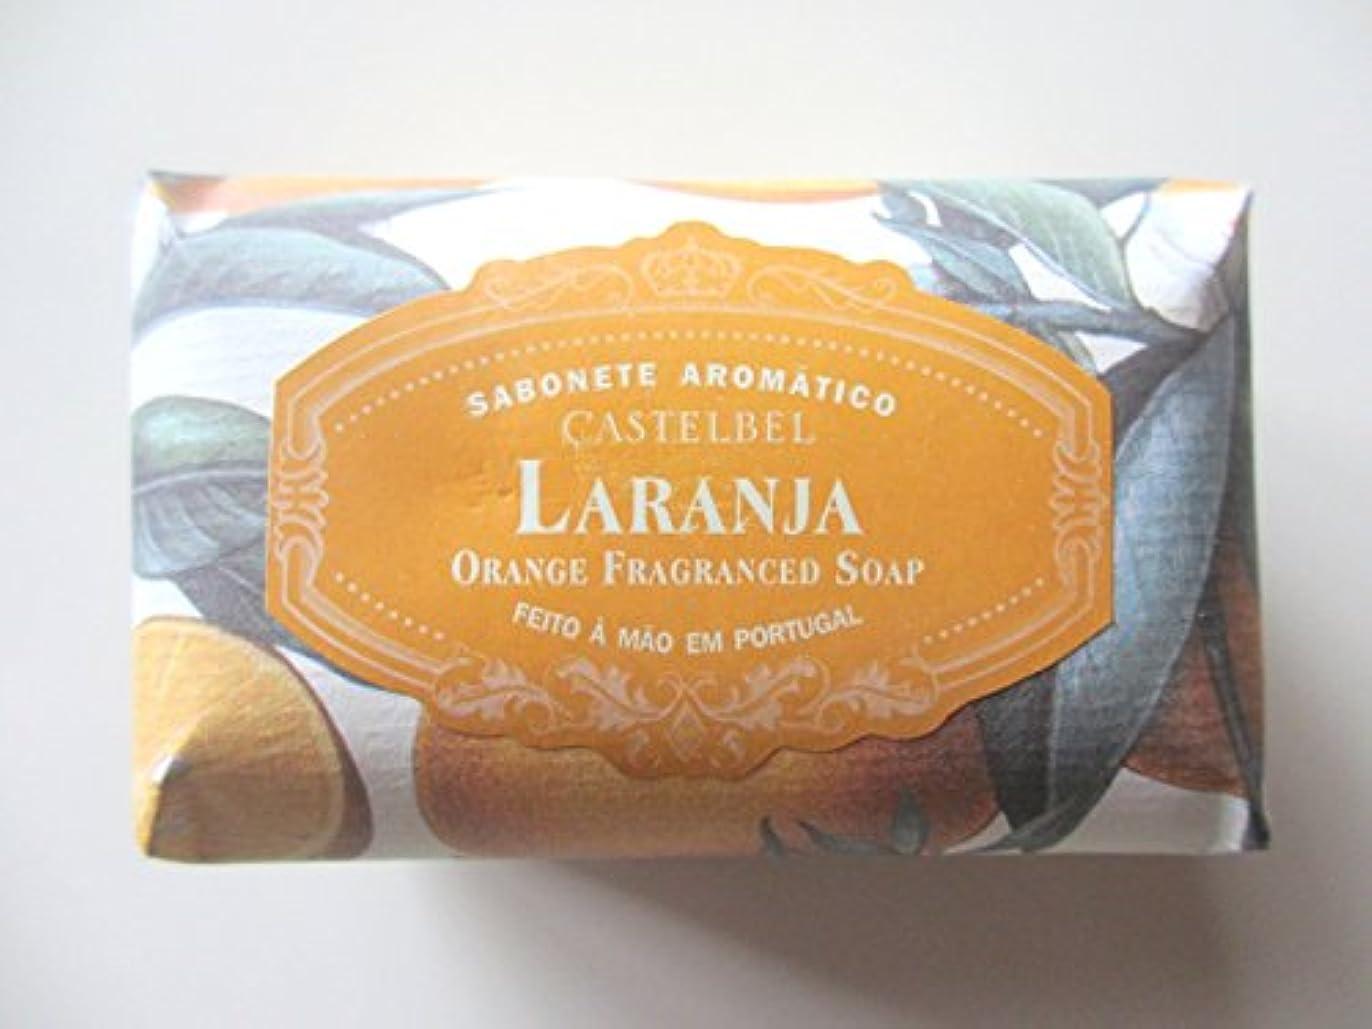 単なる口どのくらいの頻度でキャステルベル 【ソープ】 オレンジ 固形150g 全身用 フレグランスソープ ポルトガル